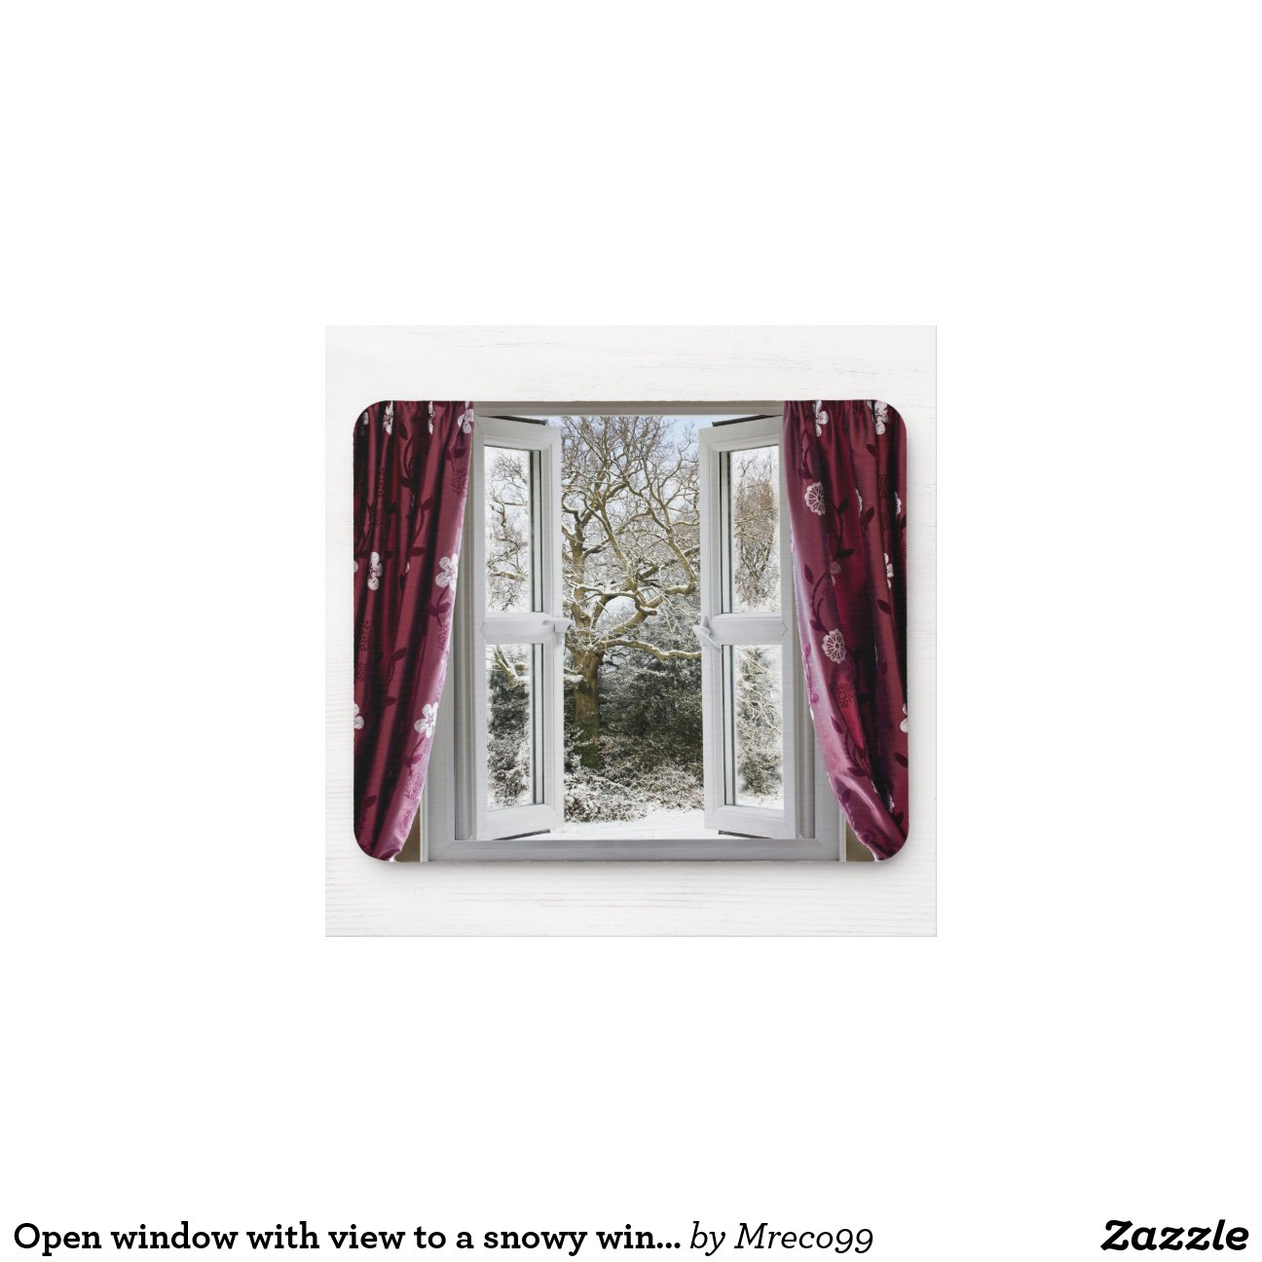 offenes fenster mit ansicht zu einer schneebedeckt. Black Bedroom Furniture Sets. Home Design Ideas